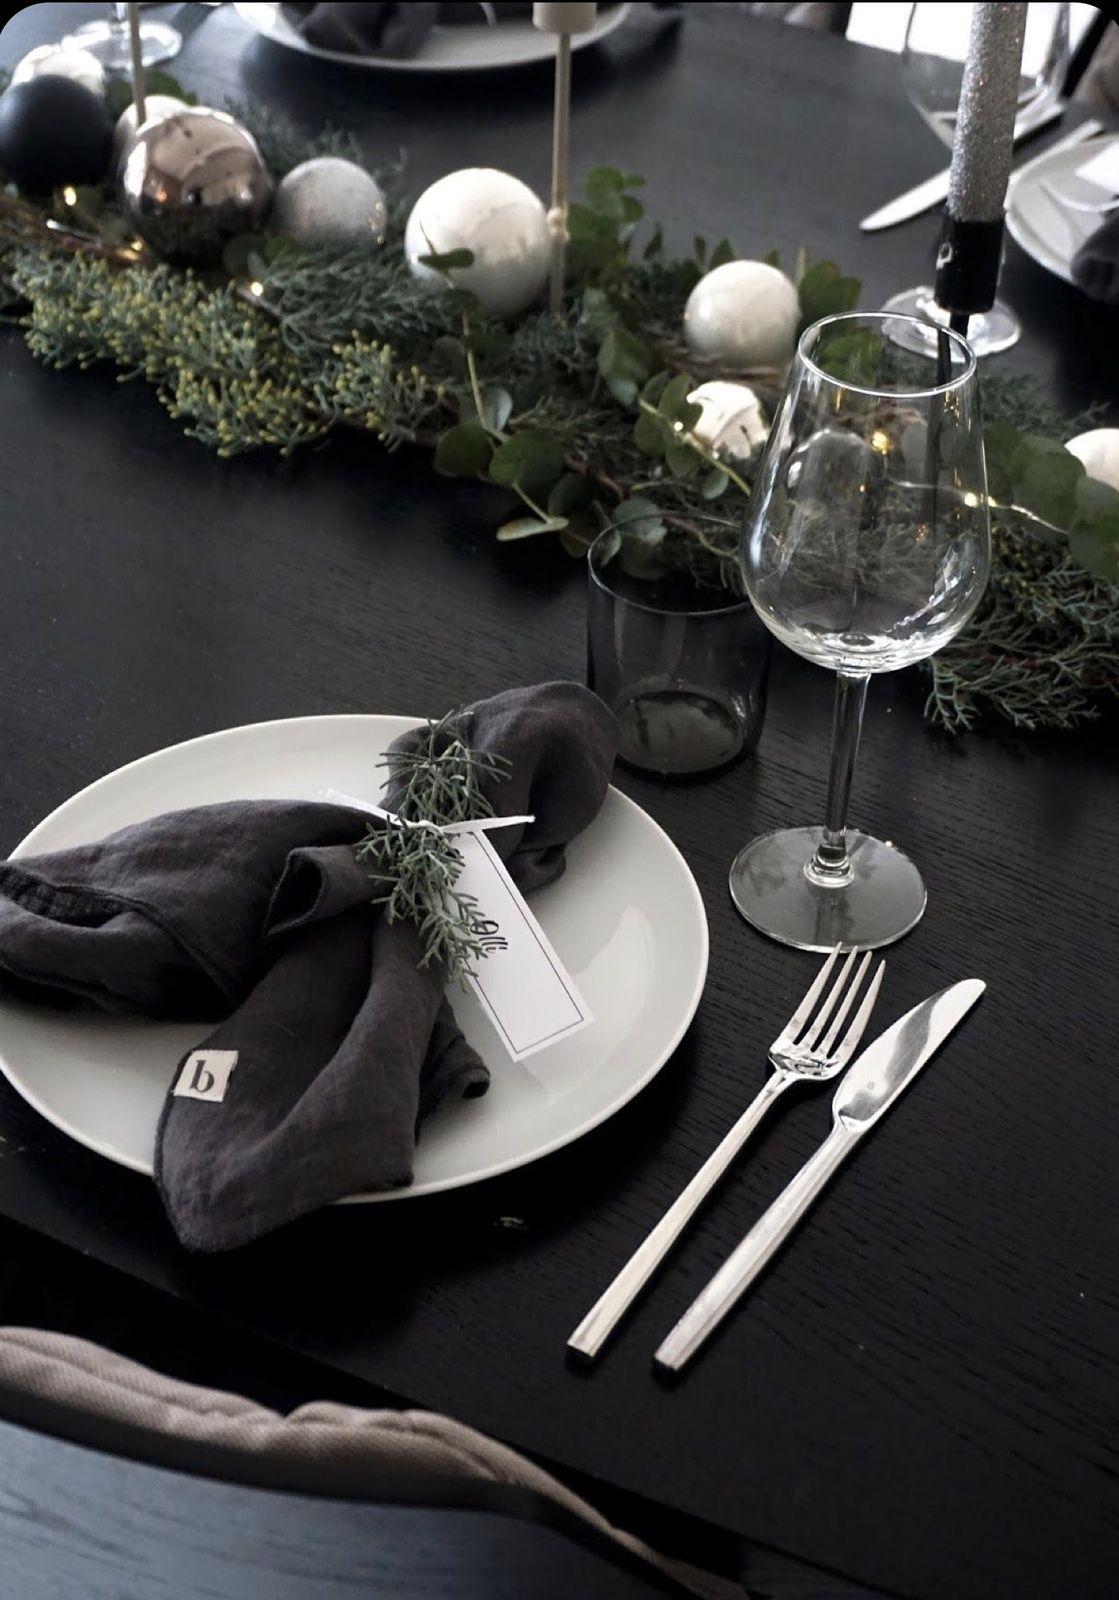 On décor l'assiette, serviette ou un petit cadeau assiette, tout en harmonie de ton !